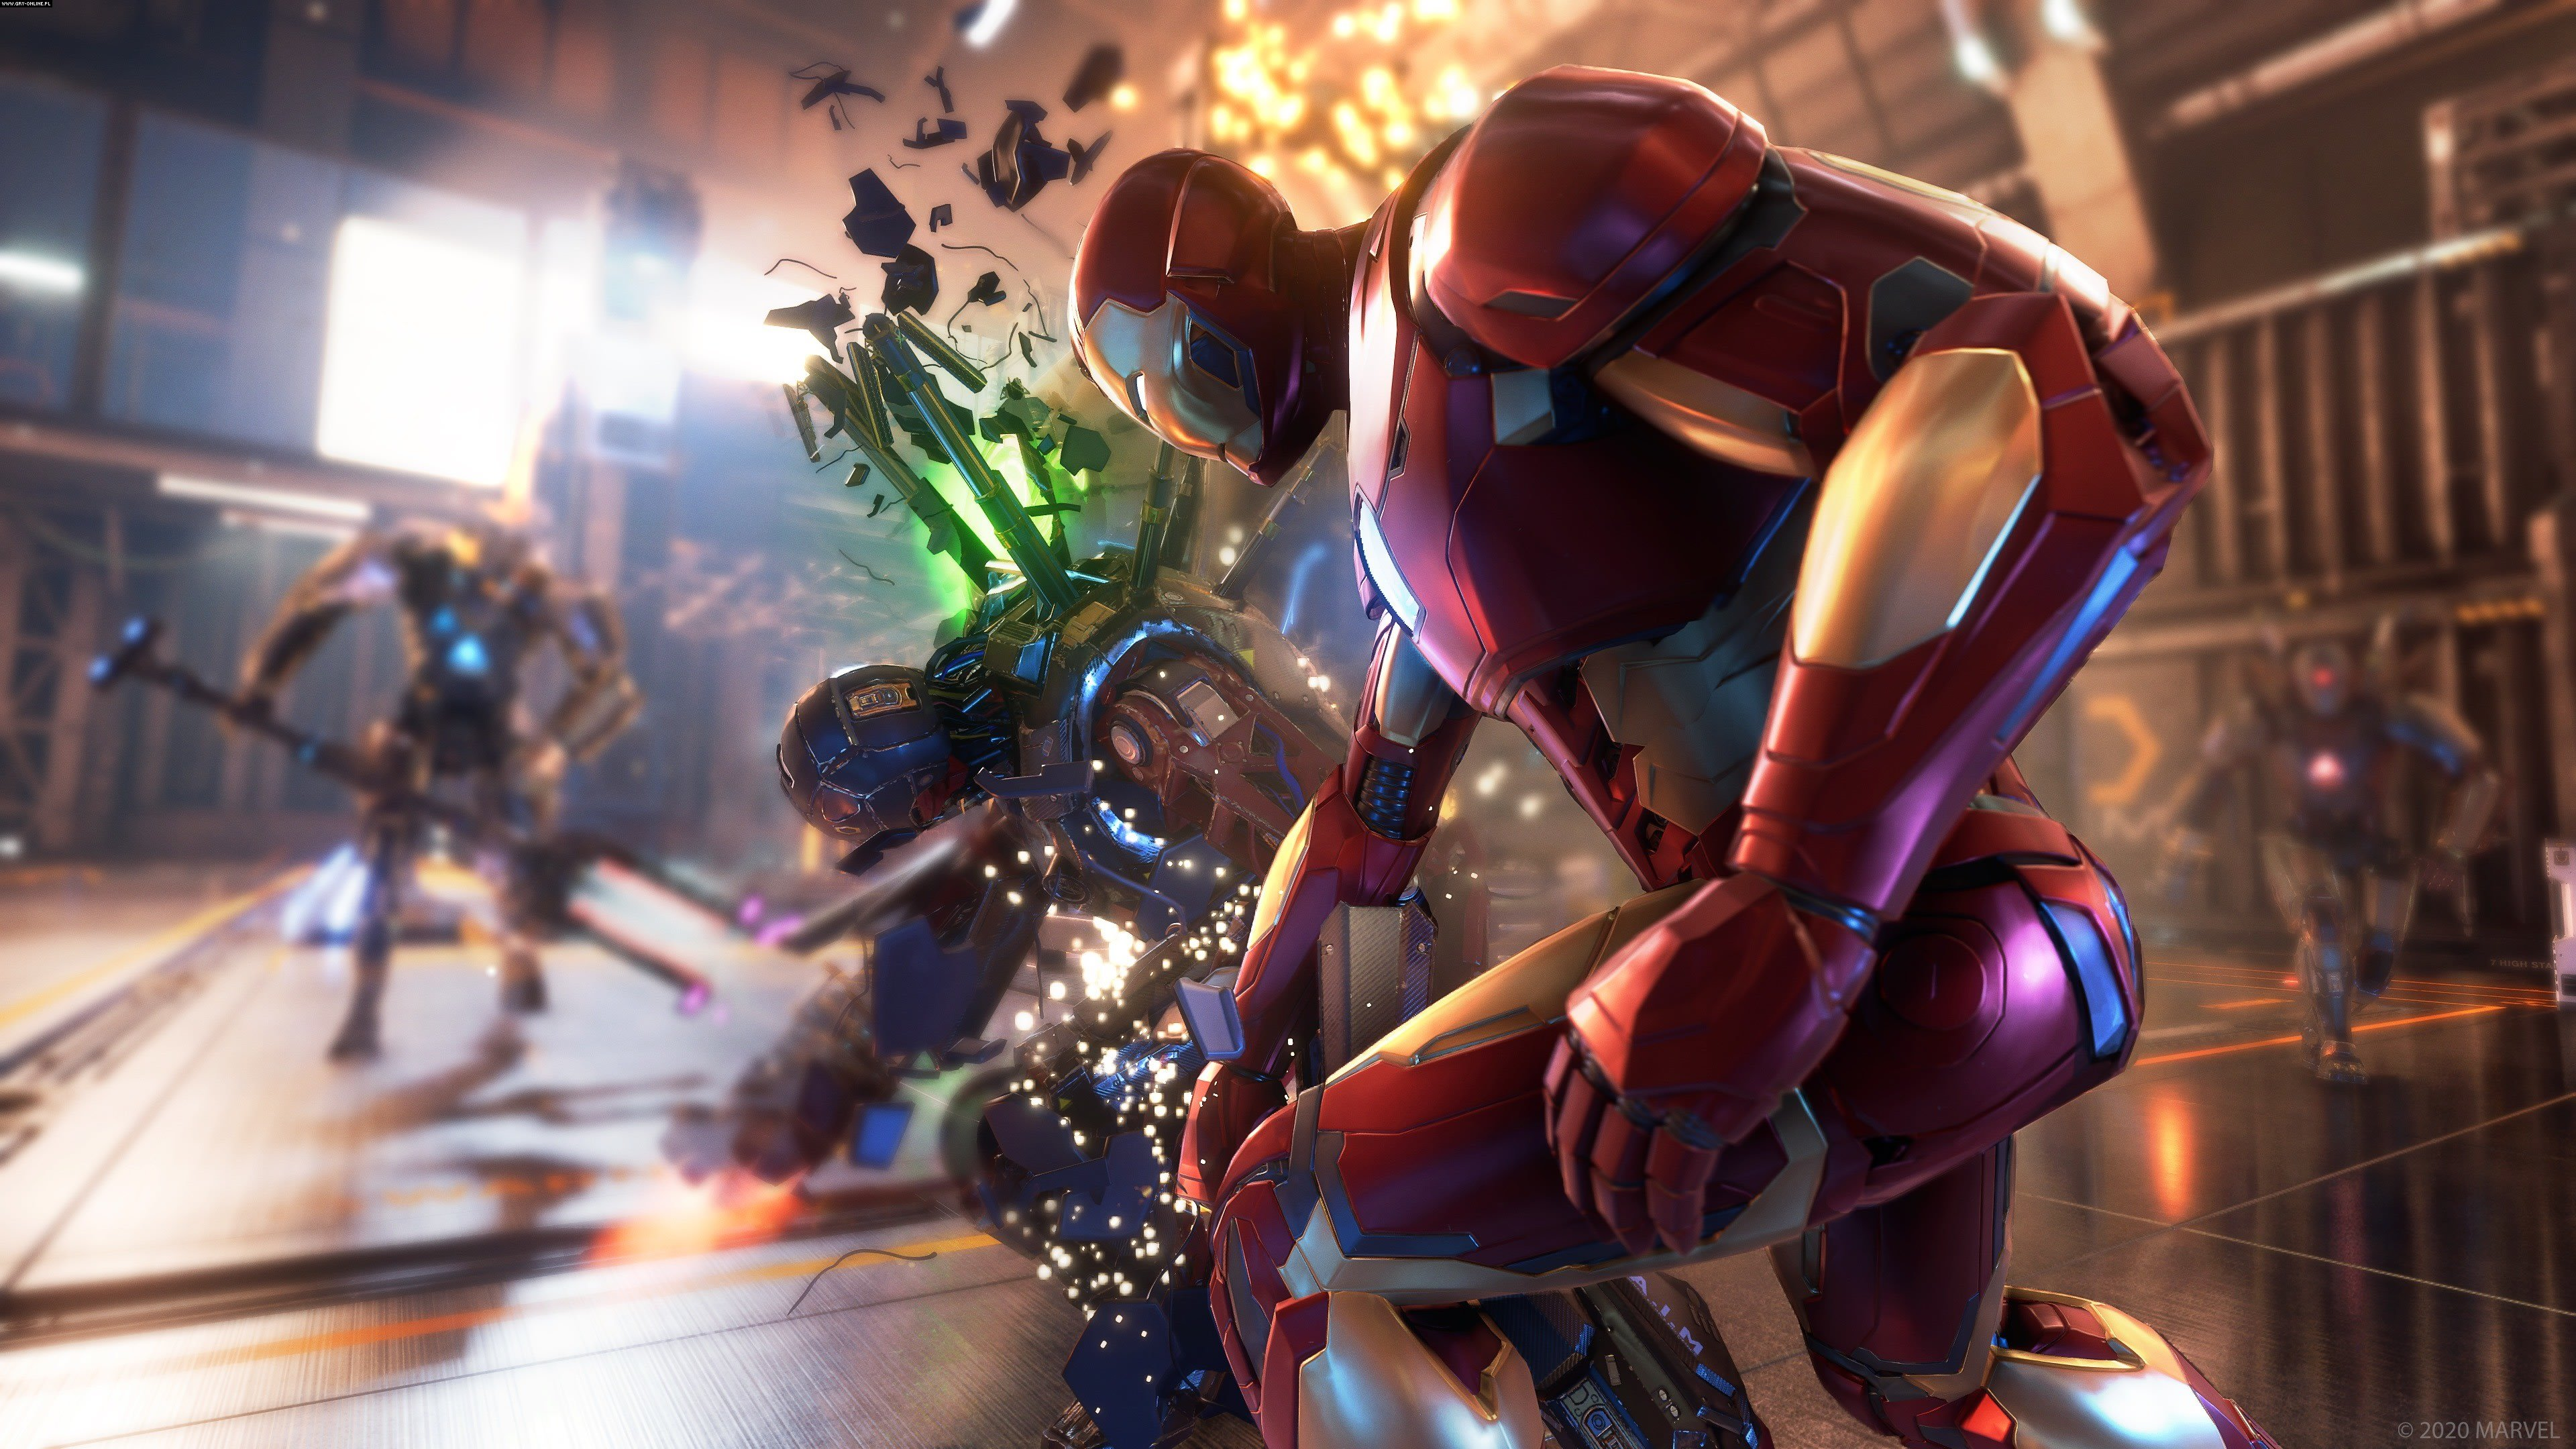 漫威复仇者联盟/Marvel's Avengers插图5